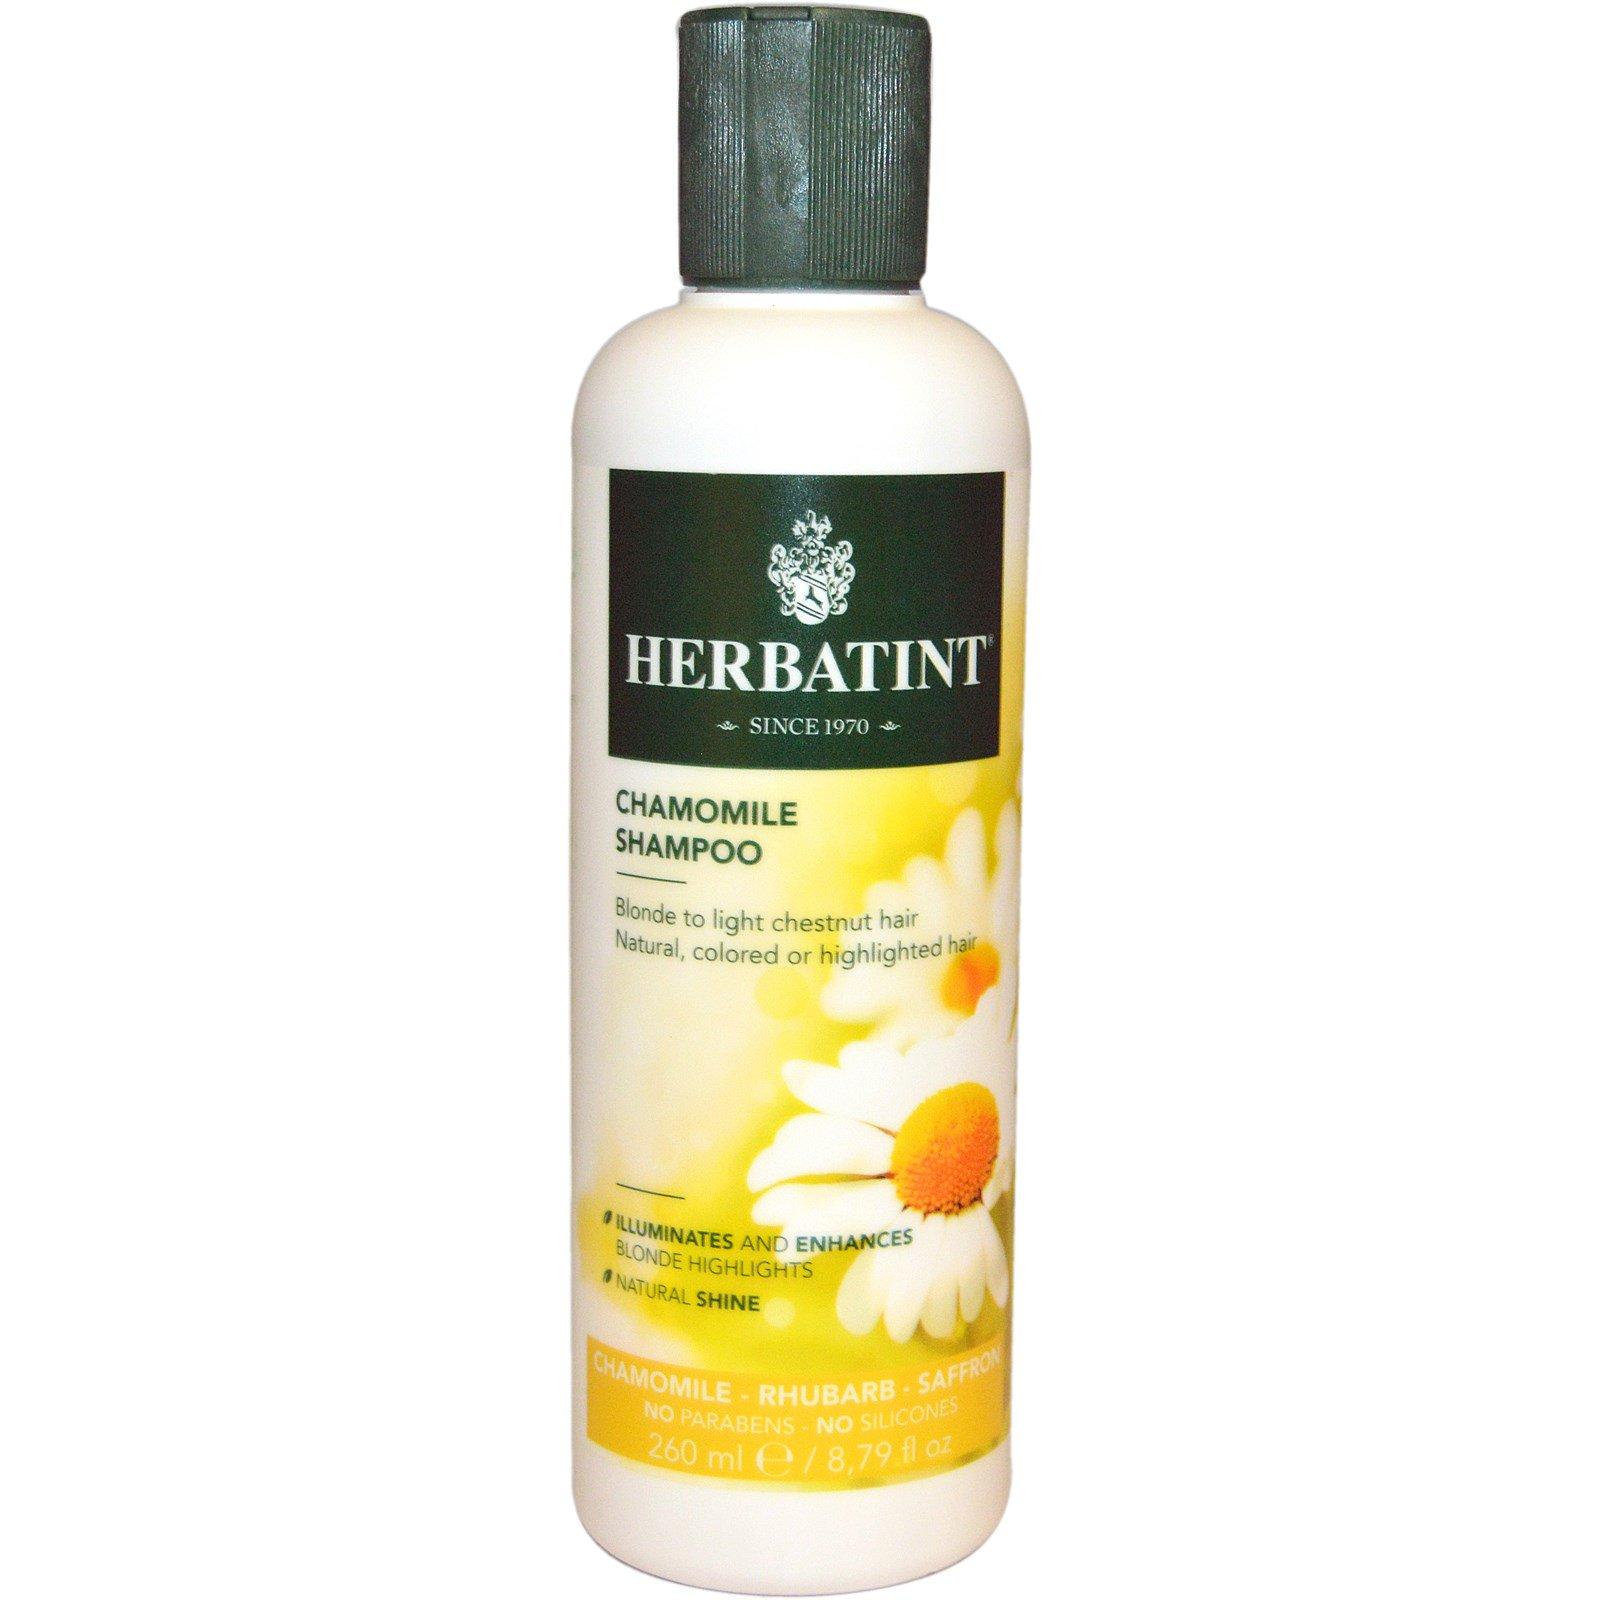 Herbatint, Шампунь с ромашкой, 8,79 унции (260 мл)